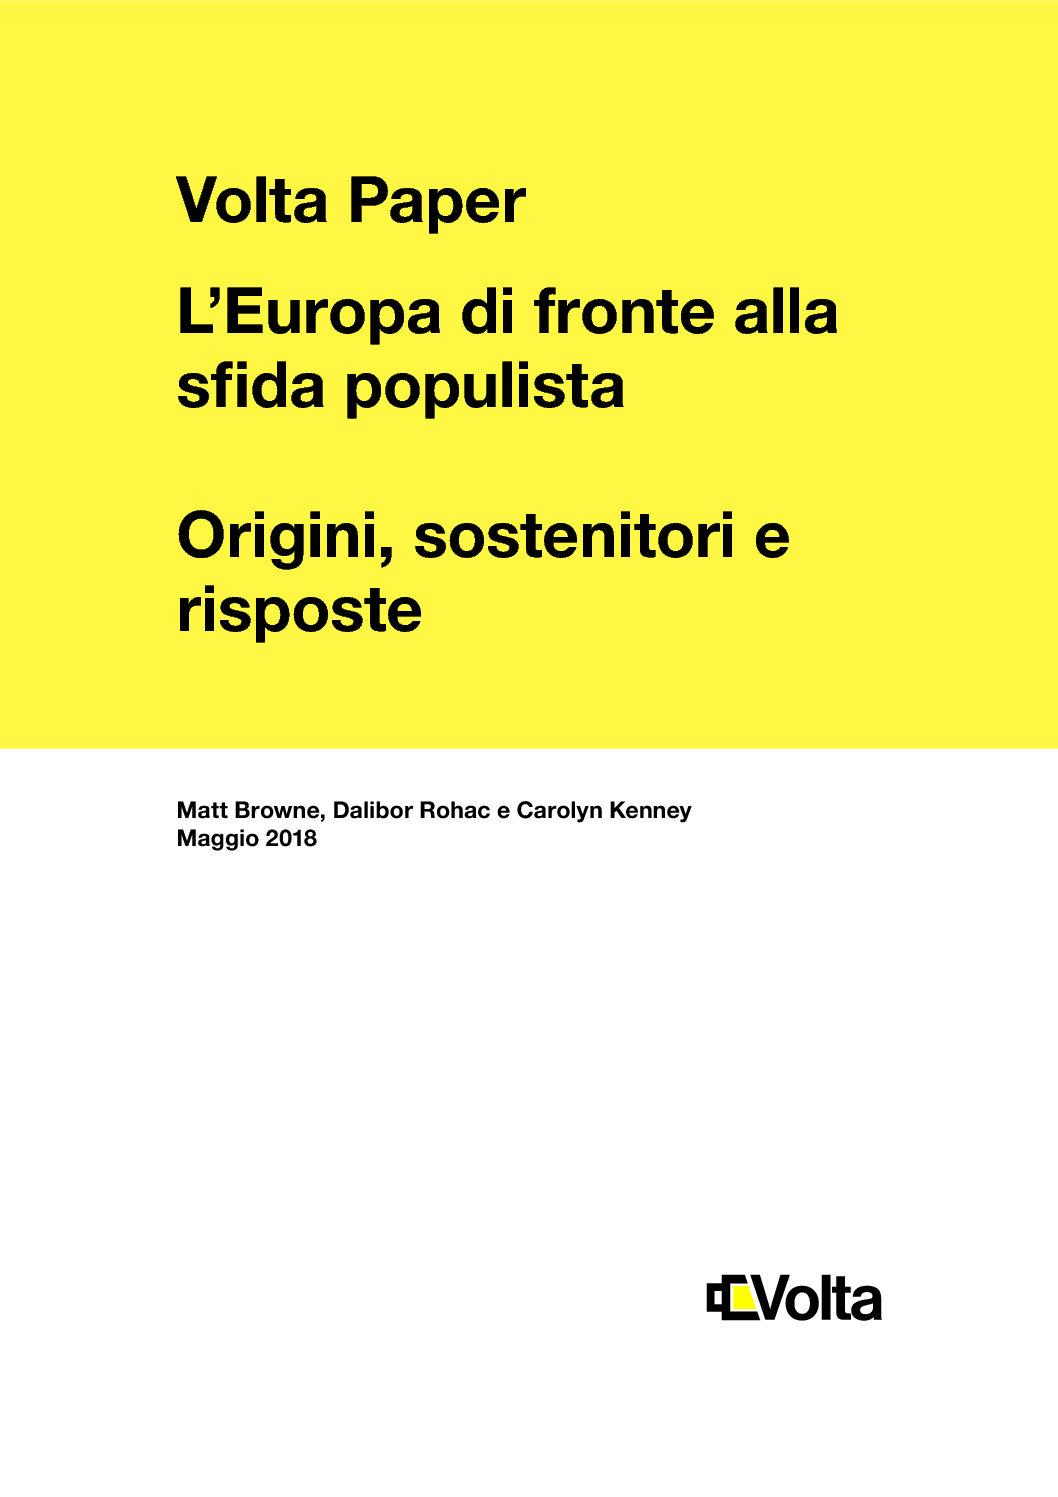 L'Europa di fronte alla sfida populista. Origini, sostenitori e risposte